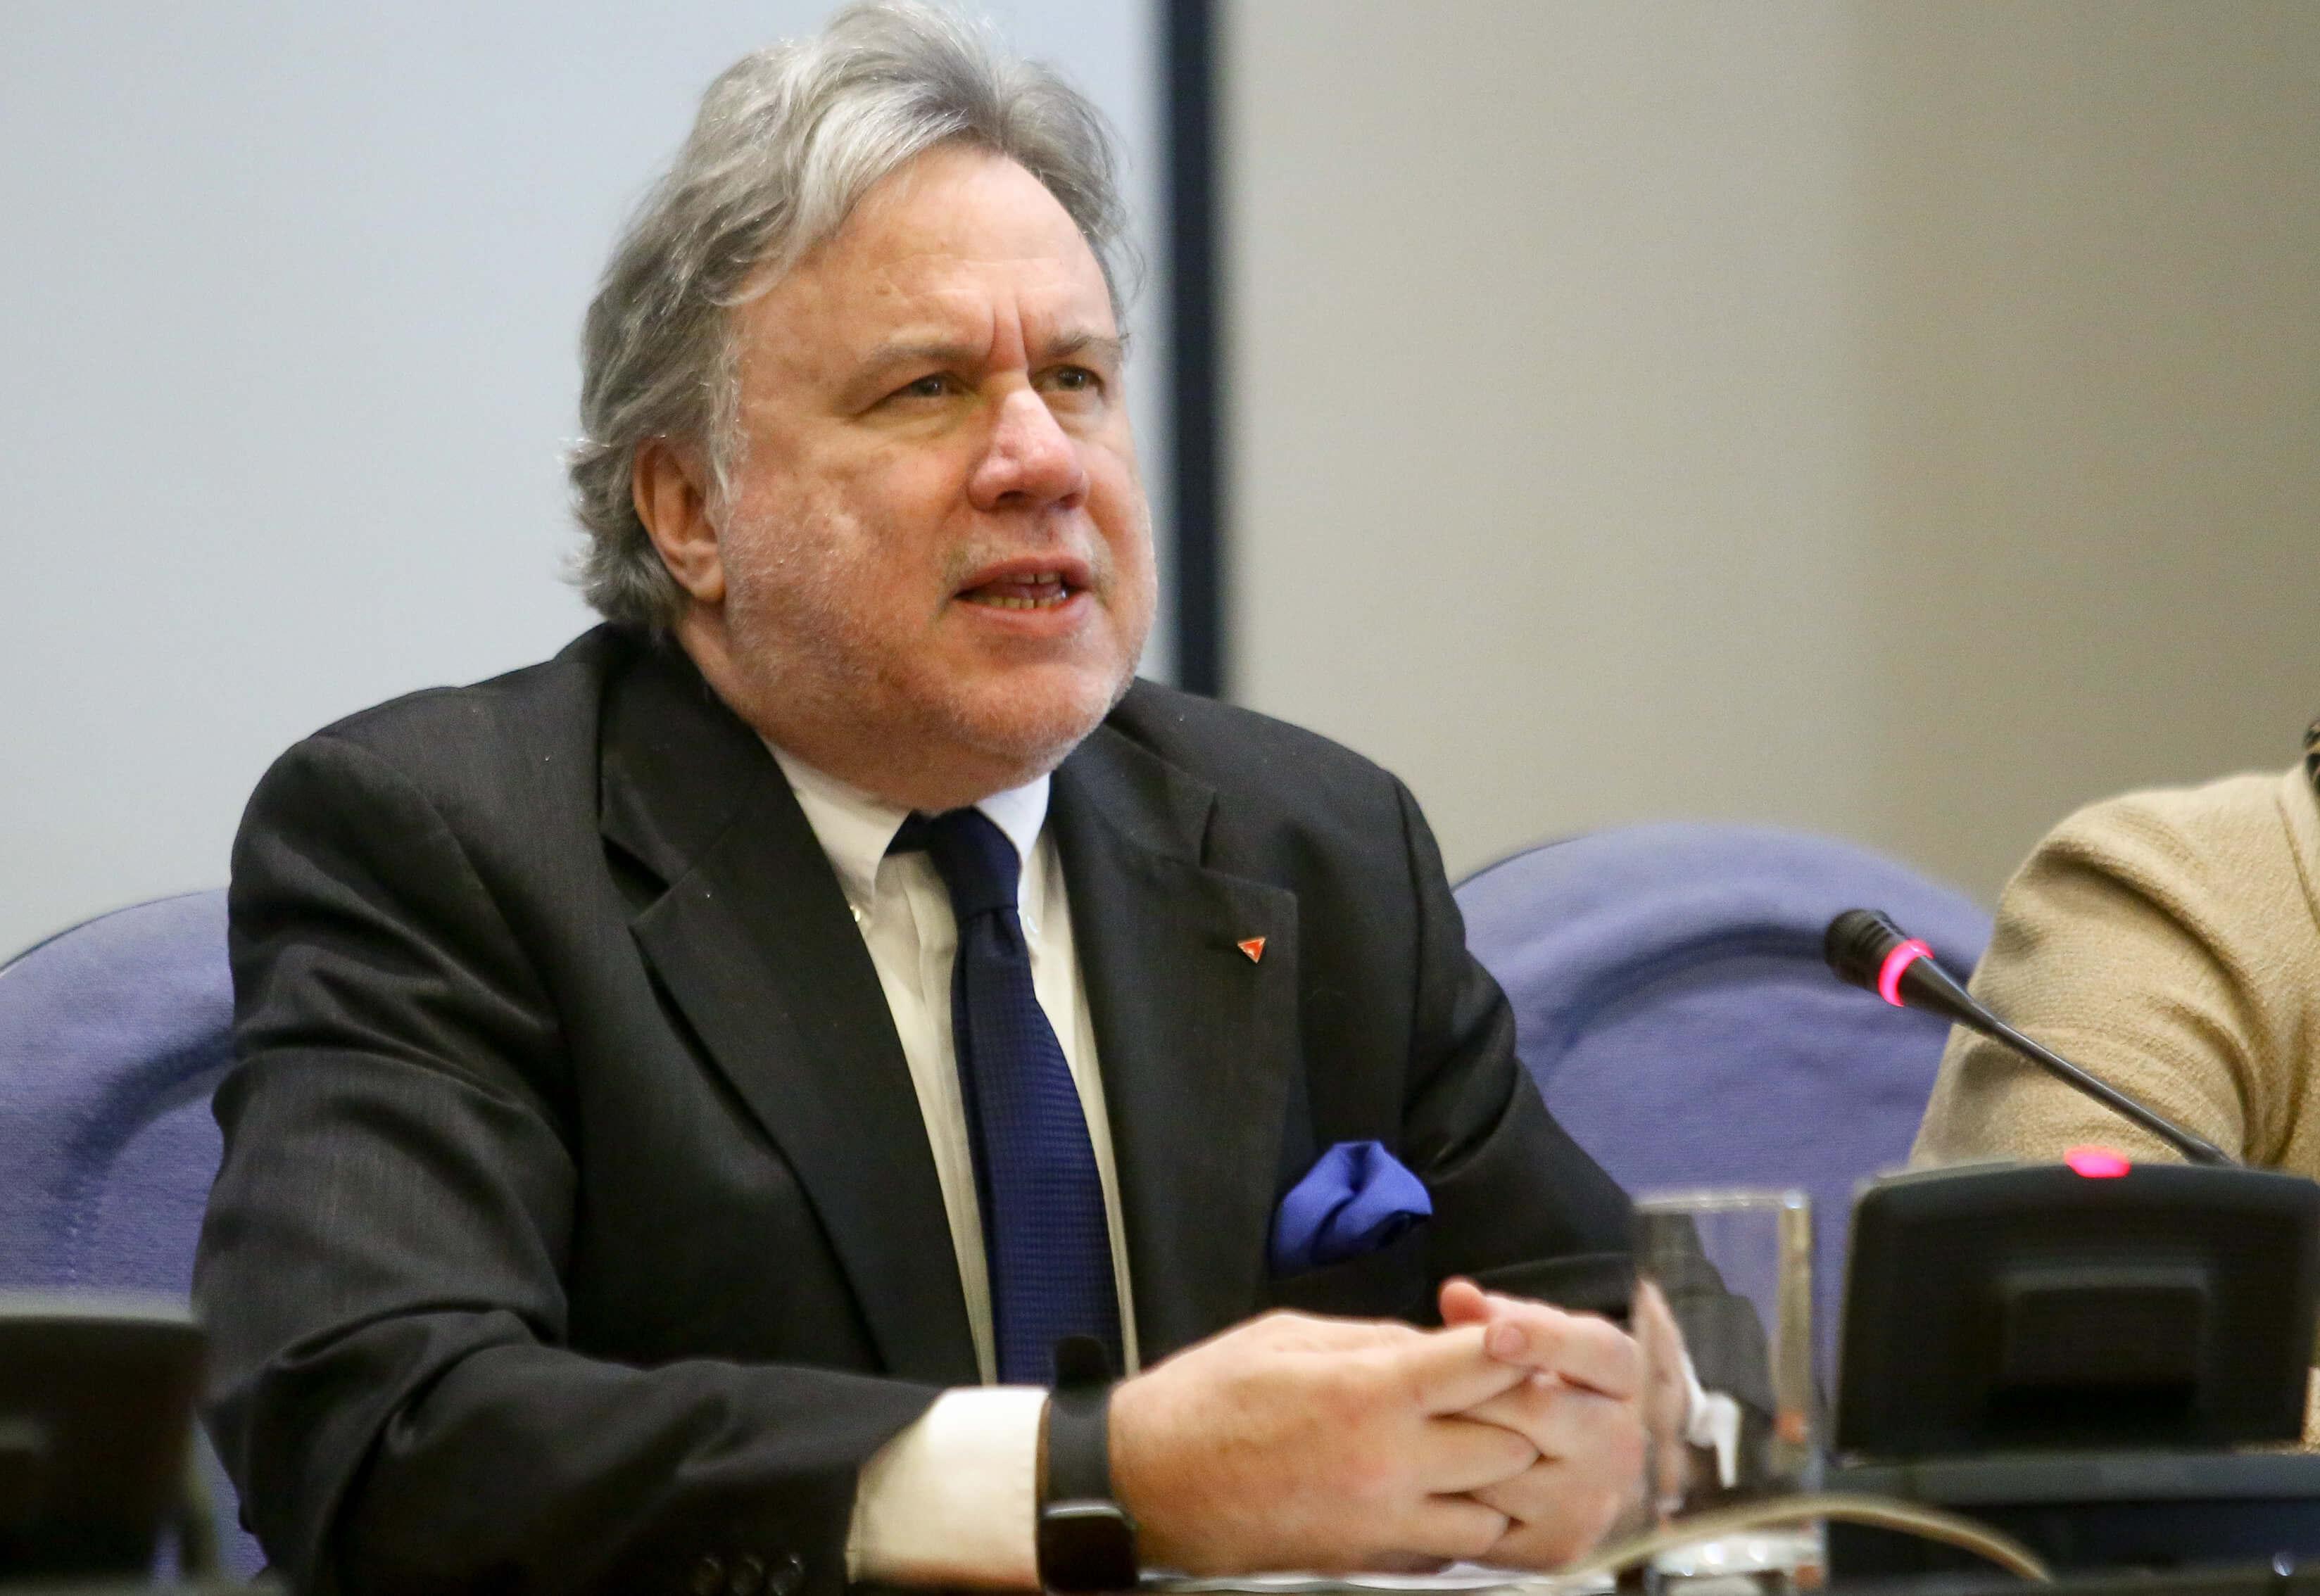 Κατρούγκαλος για Αλβανία: Θα υπερασπιστούμε την Ελληνική μειονότητα απέναντι σε οποιαδήποτε κίνηση εναντίον της